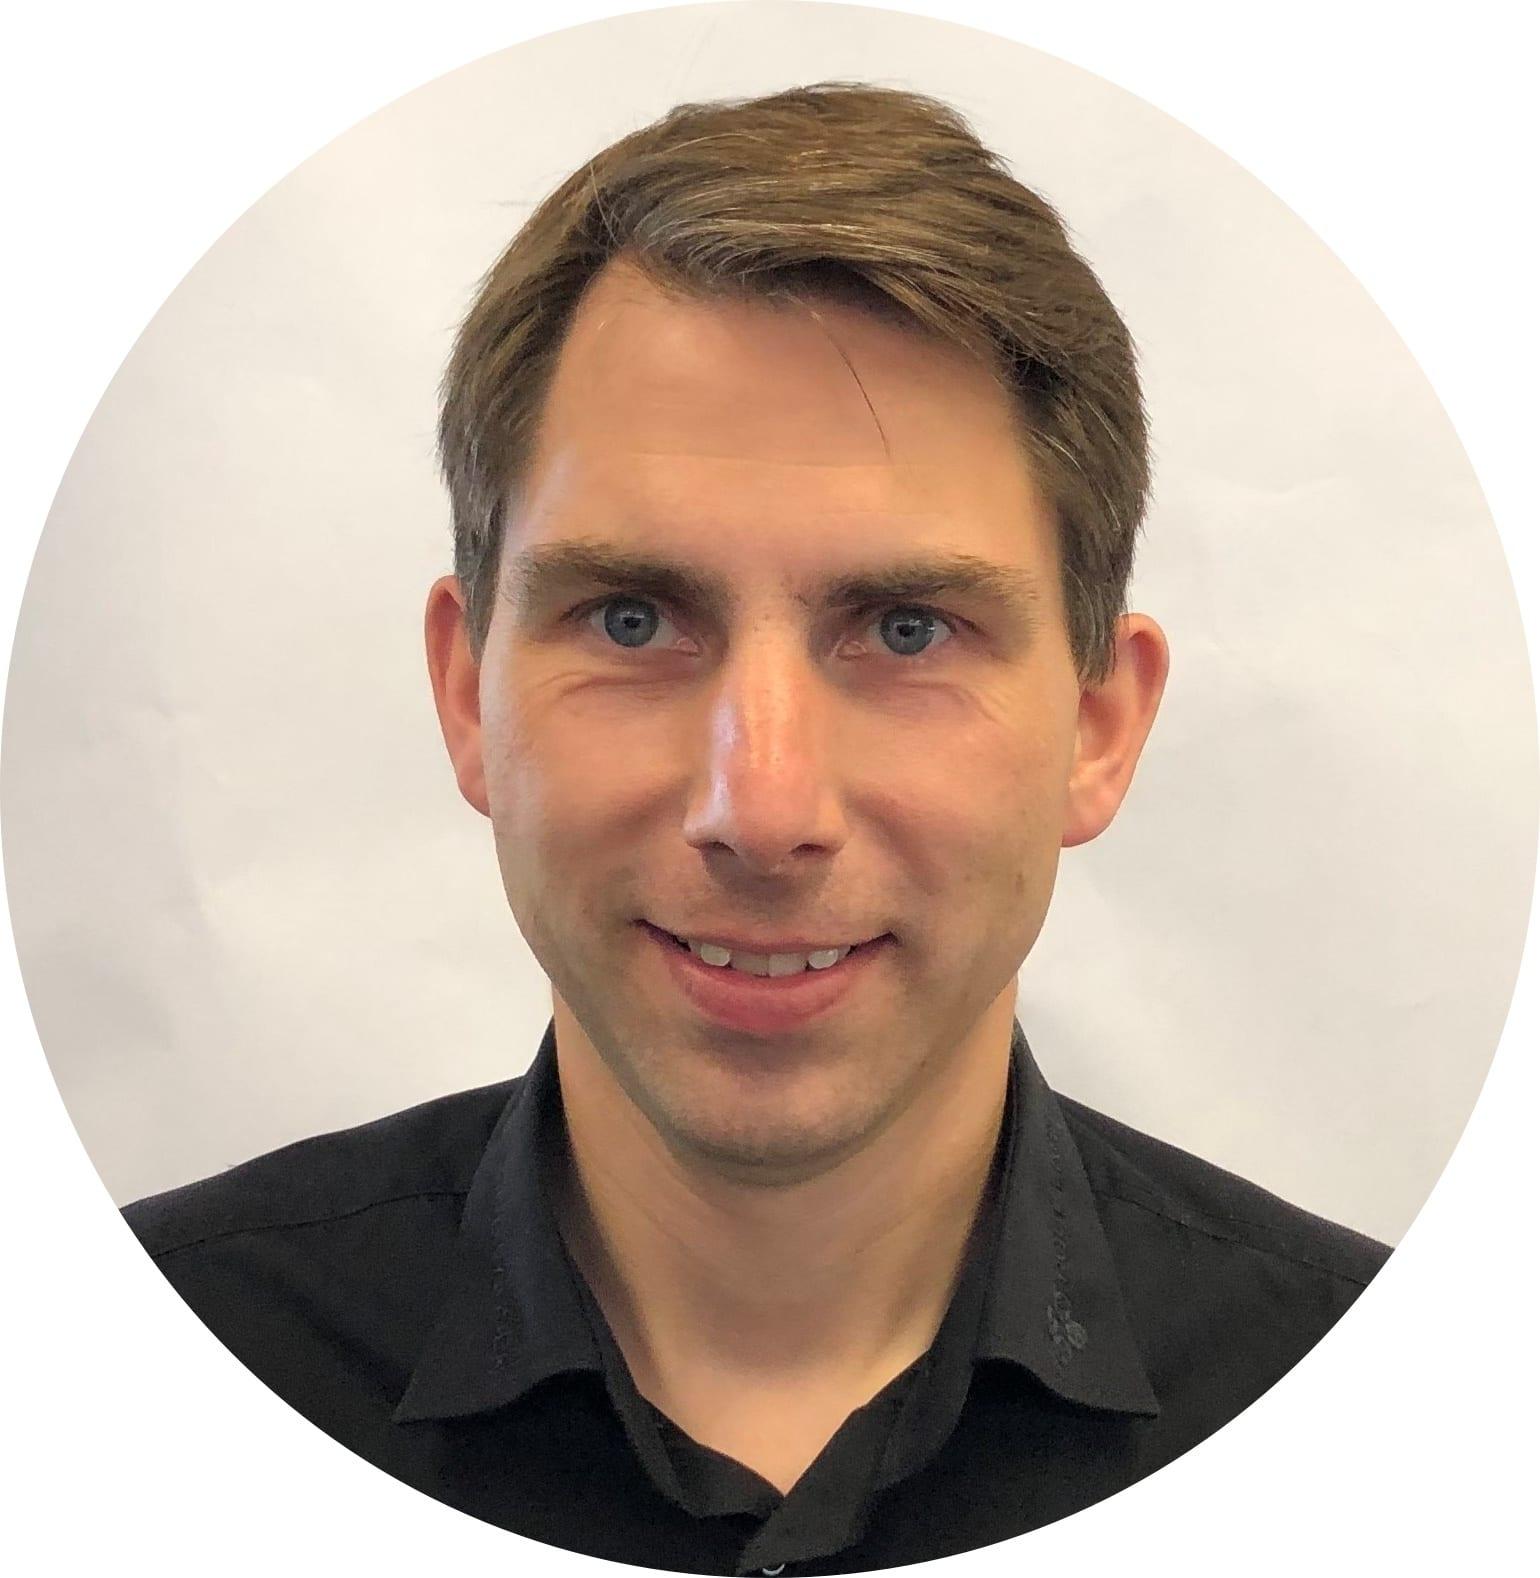 Martin Høybye